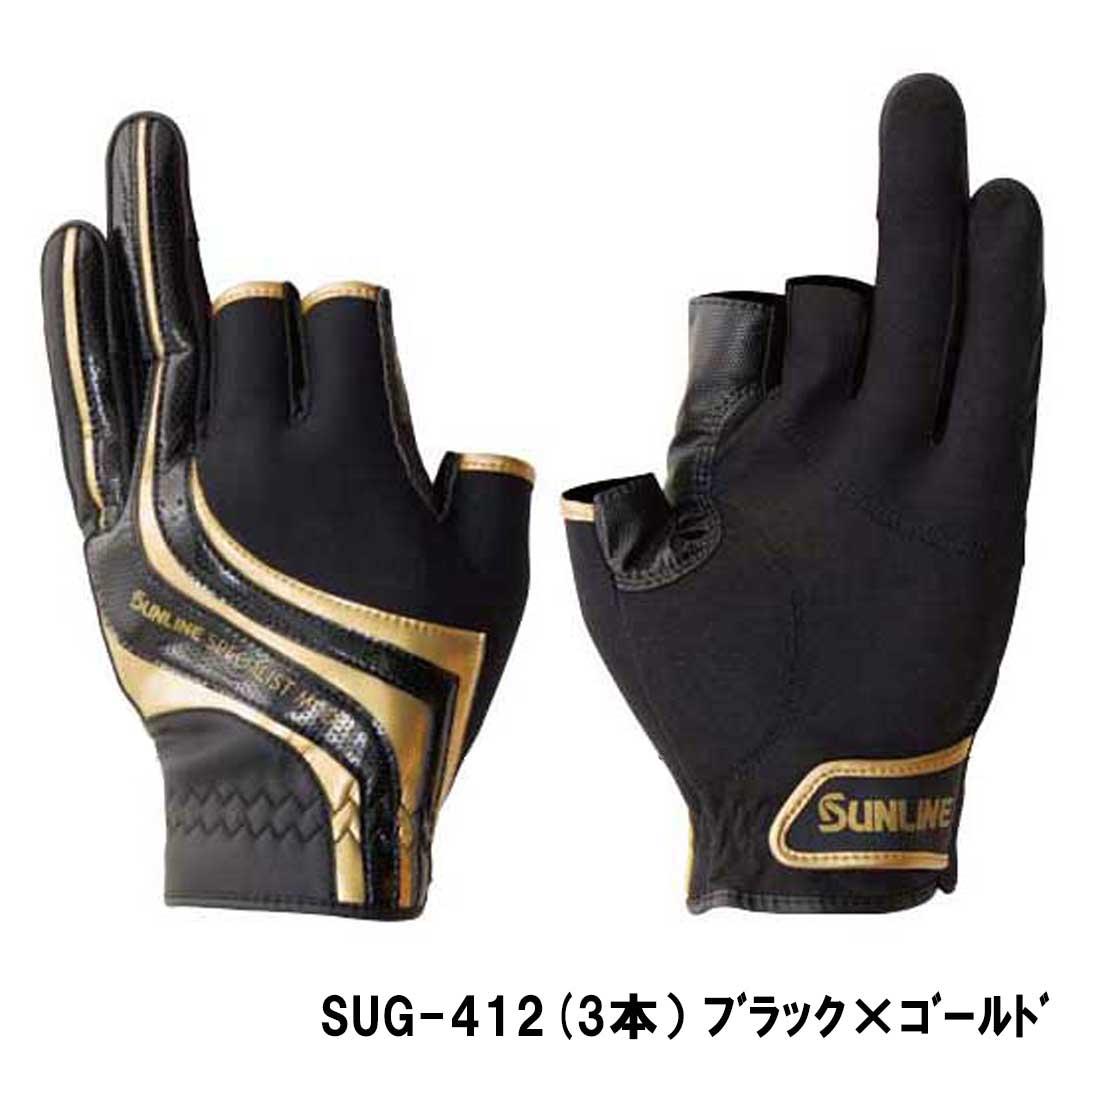 グローブ  SUG−412   (3本)